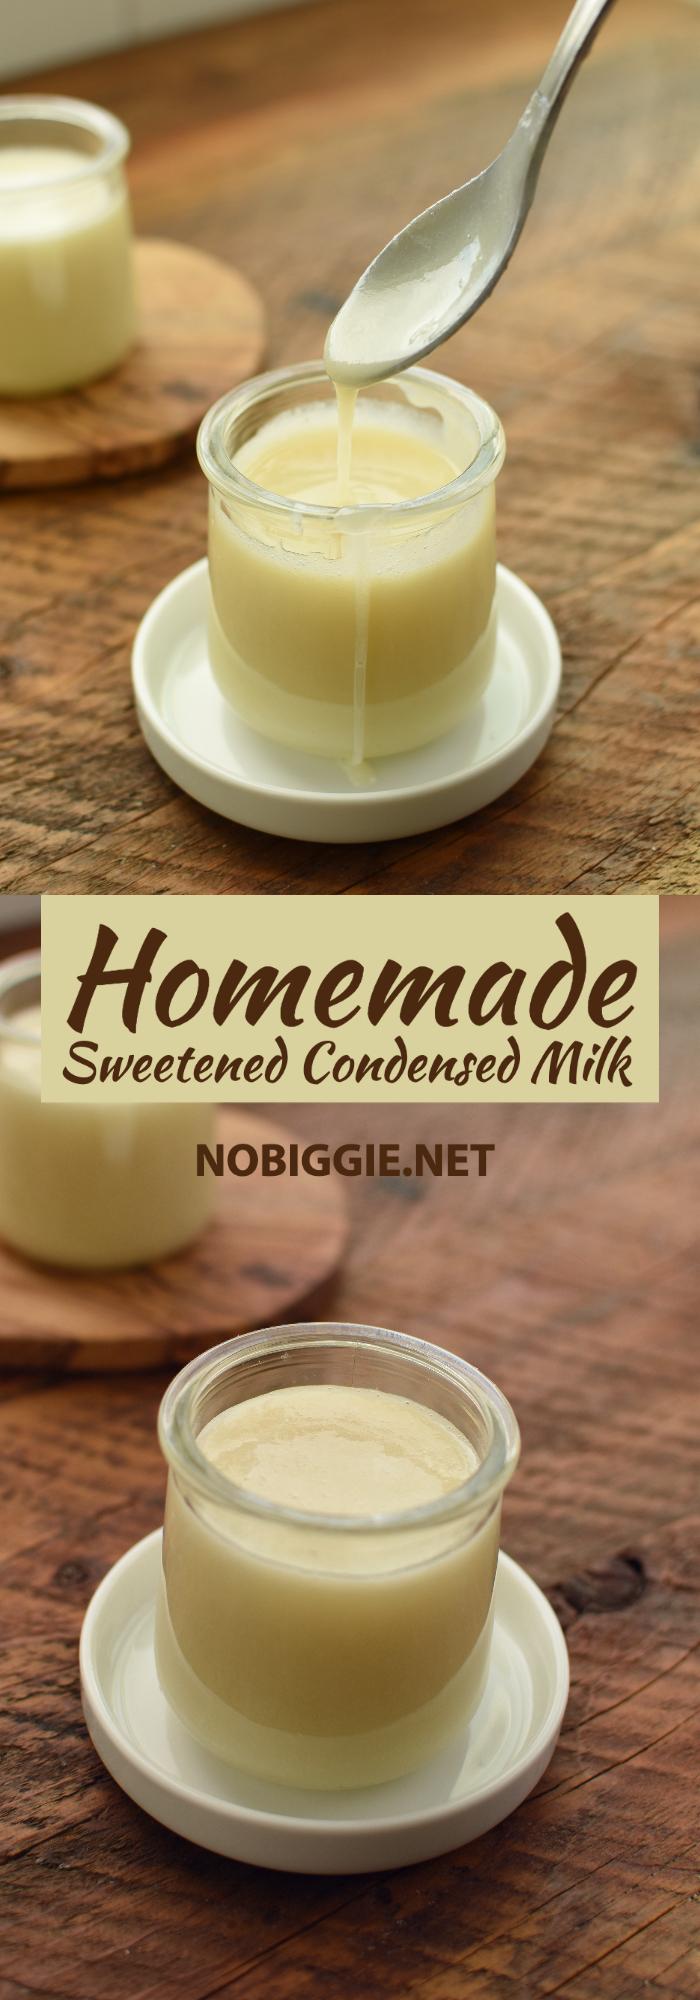 Homemade Sweetened Condensed Milk Recipe Homemade